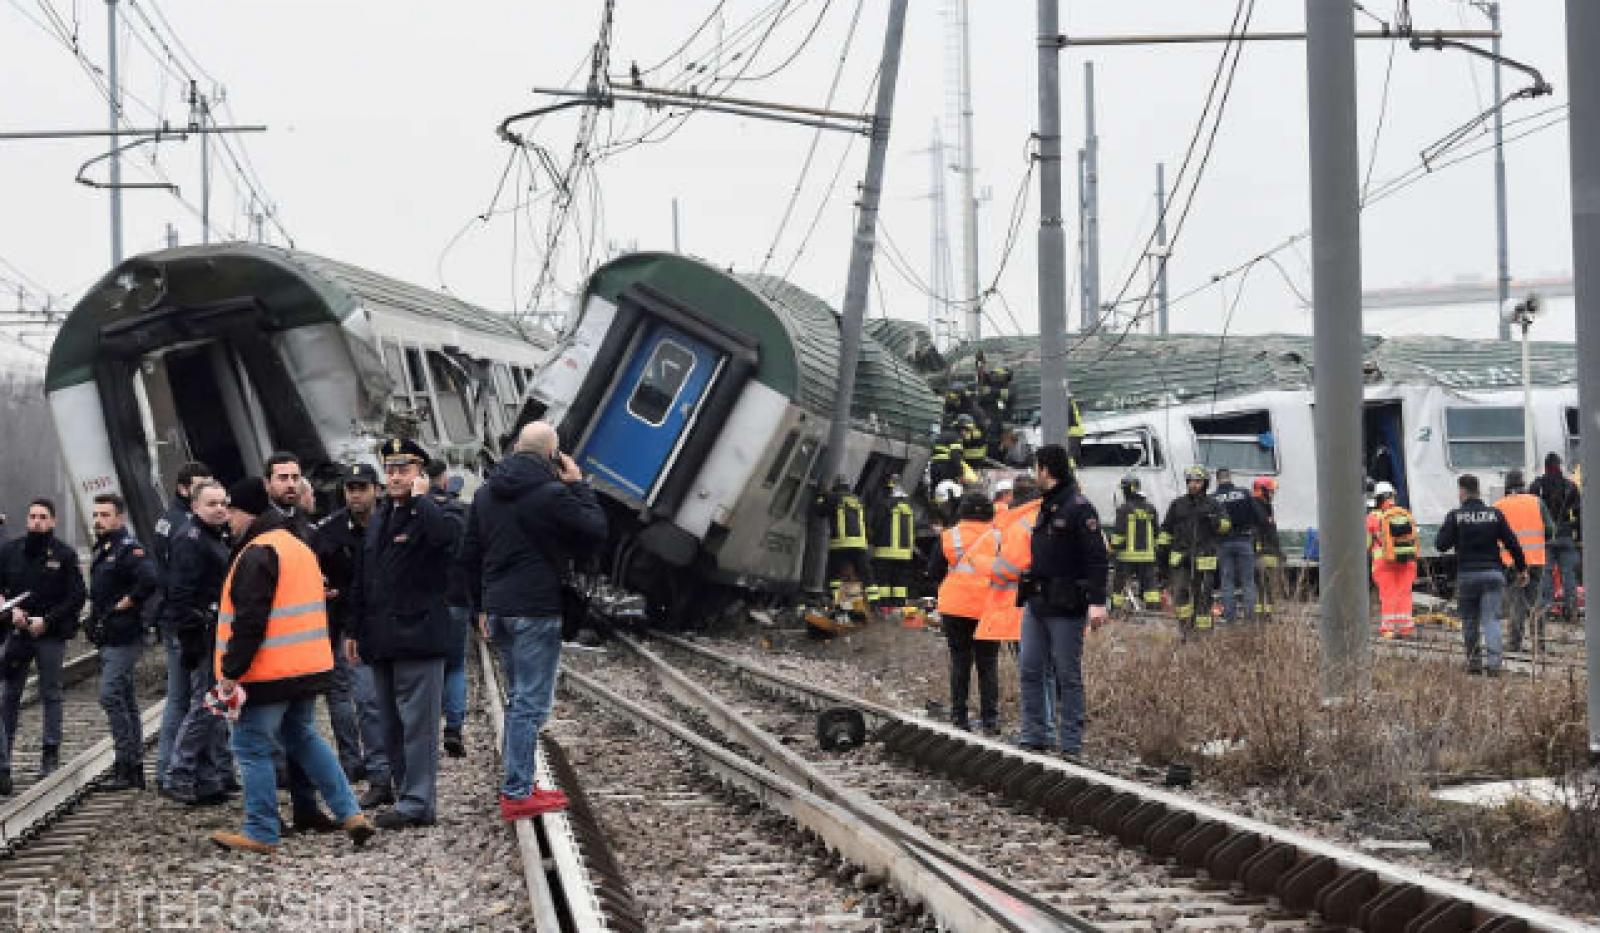 (foto) Accident feroviar în sud-estul Austriei: Cel puțin o persoană a murit